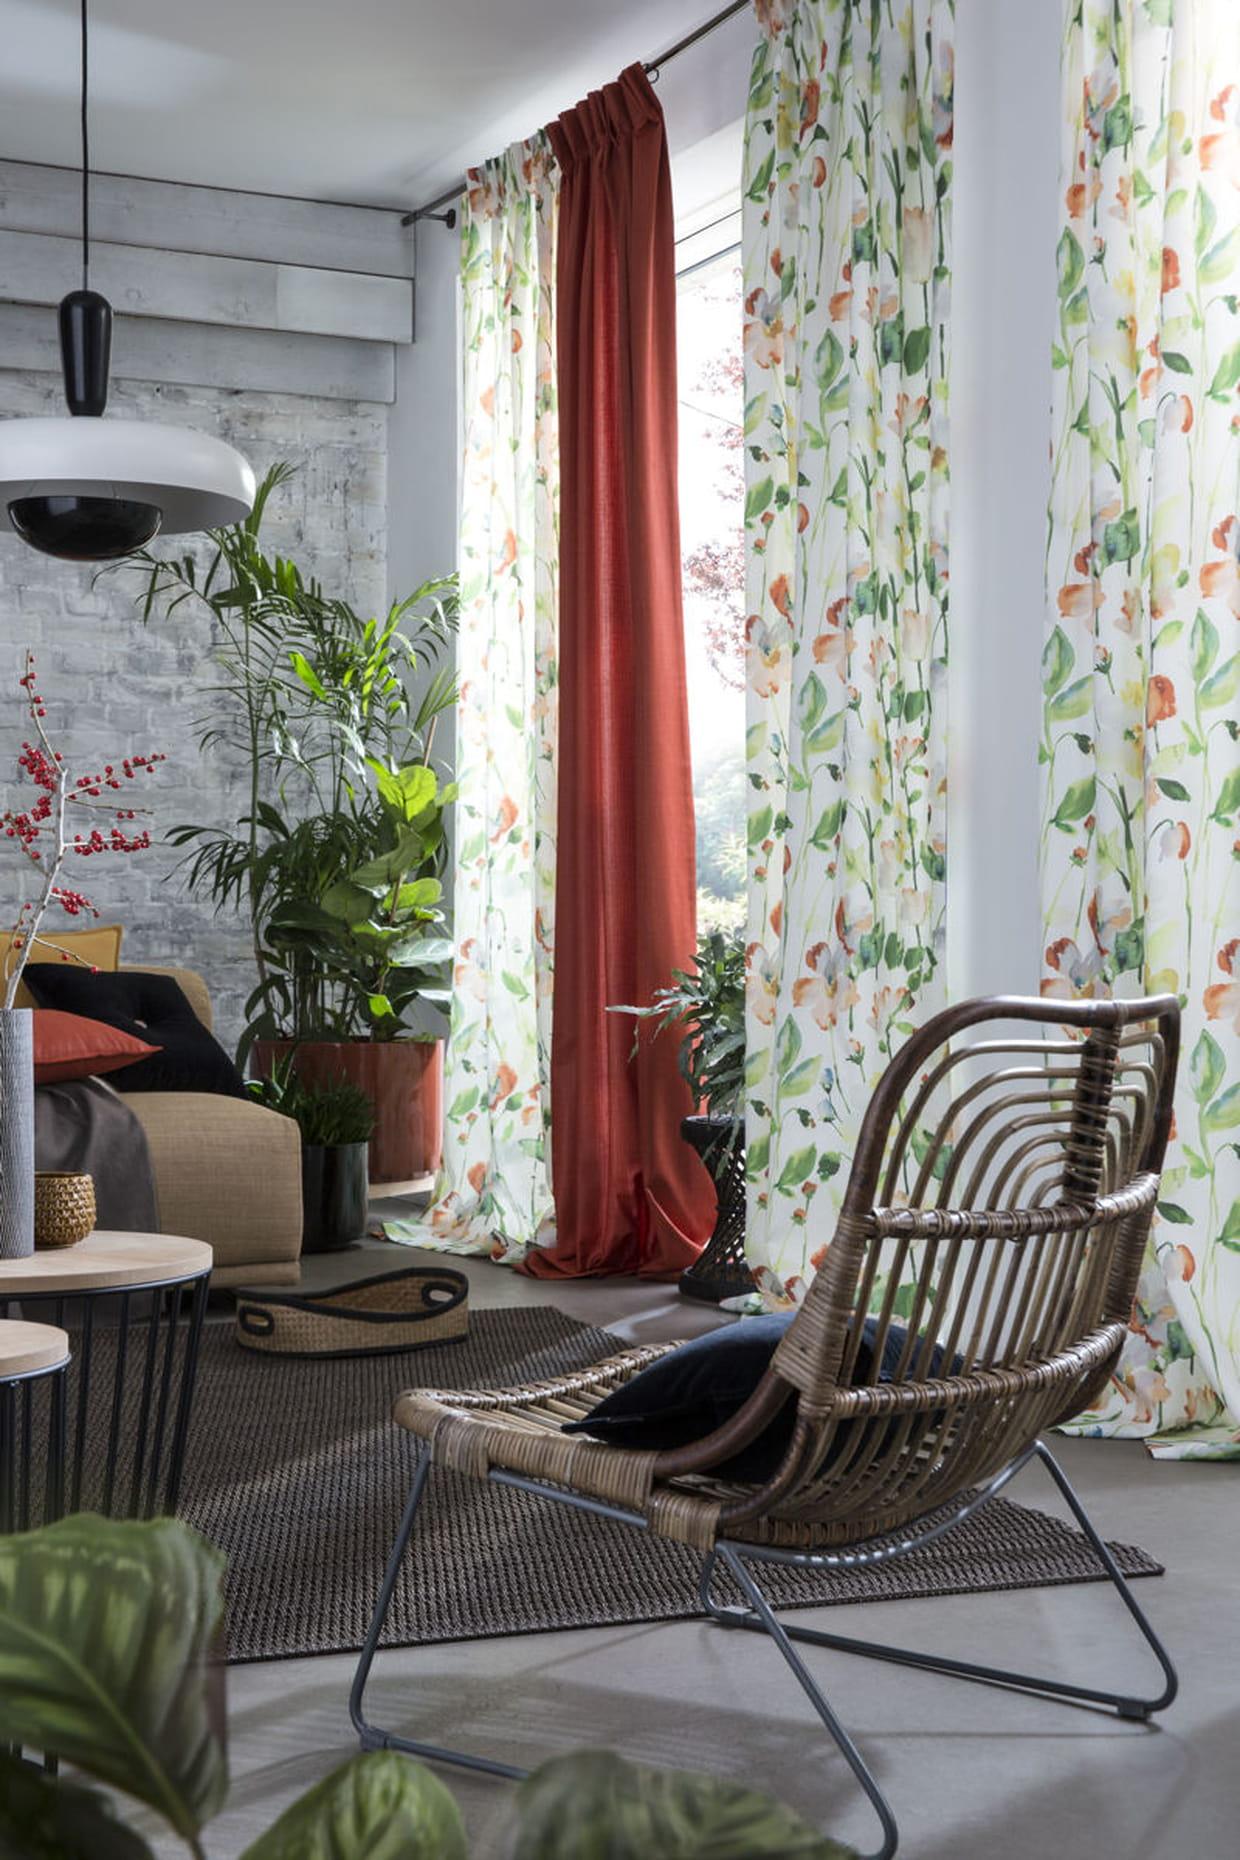 des rideaux feuillus. Black Bedroom Furniture Sets. Home Design Ideas